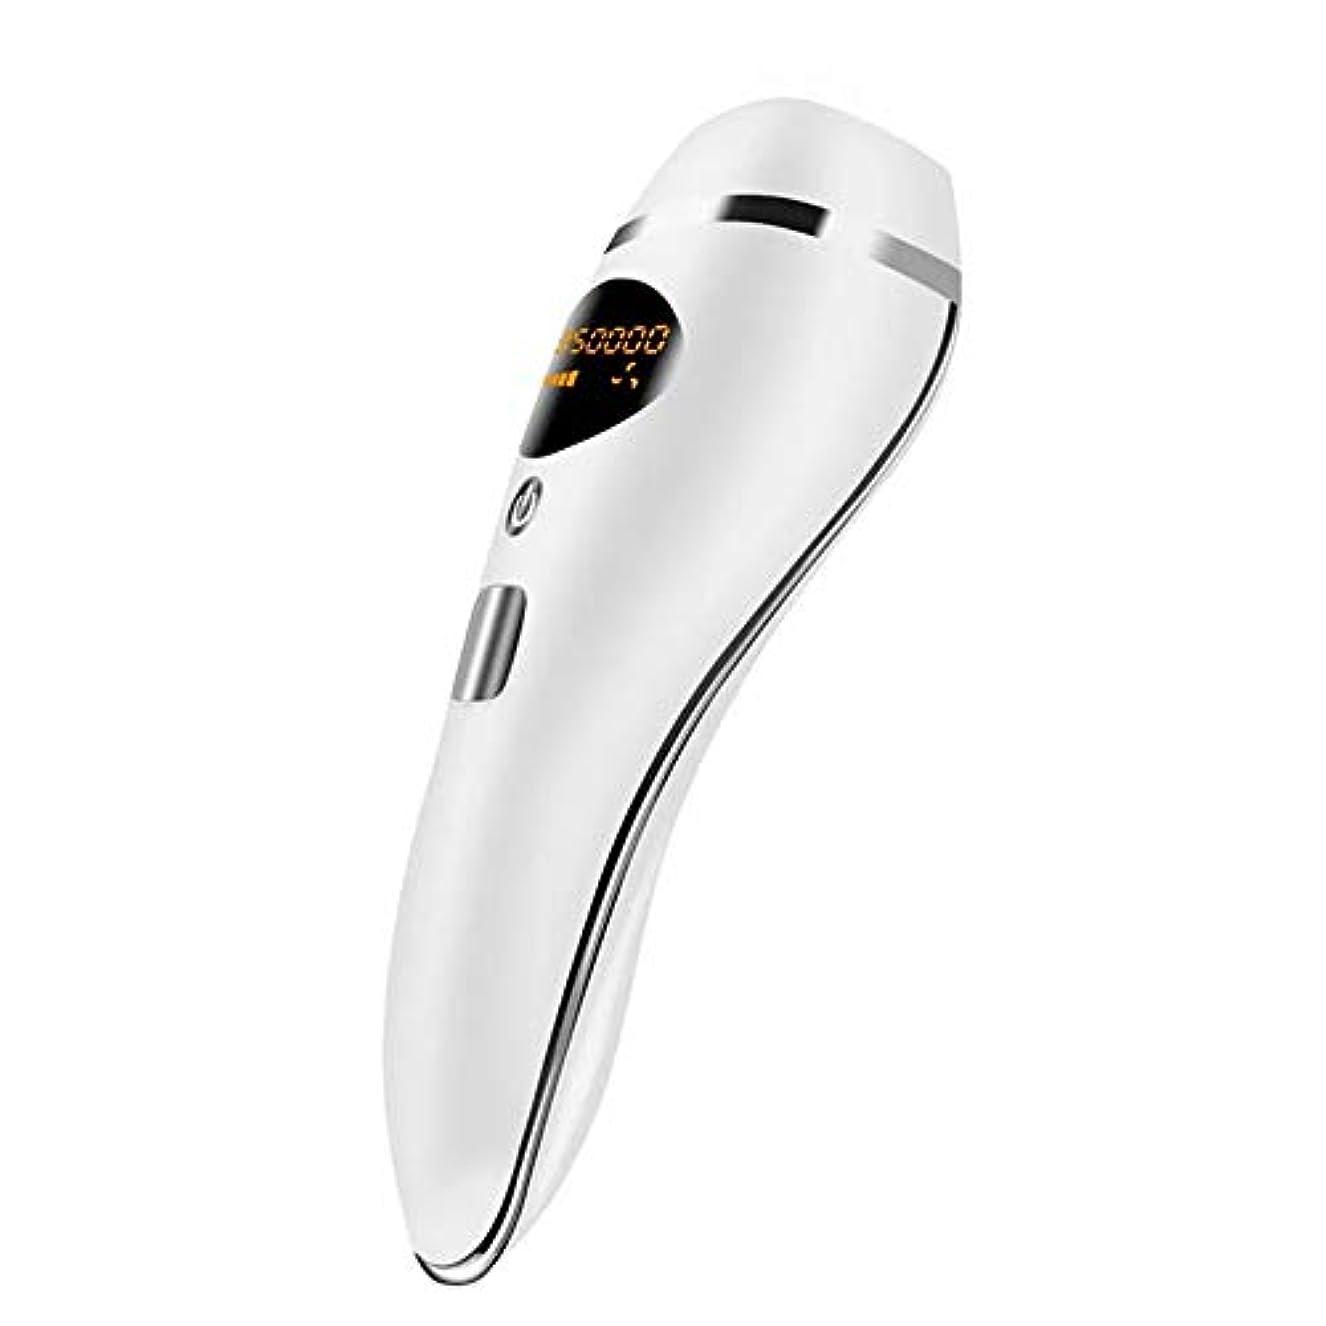 輸血面積IPL脱毛システムライト脱毛器、600000回の点滅美容デバイスは、長期的な毛の成長を軽減します-5つの強度レベル,白